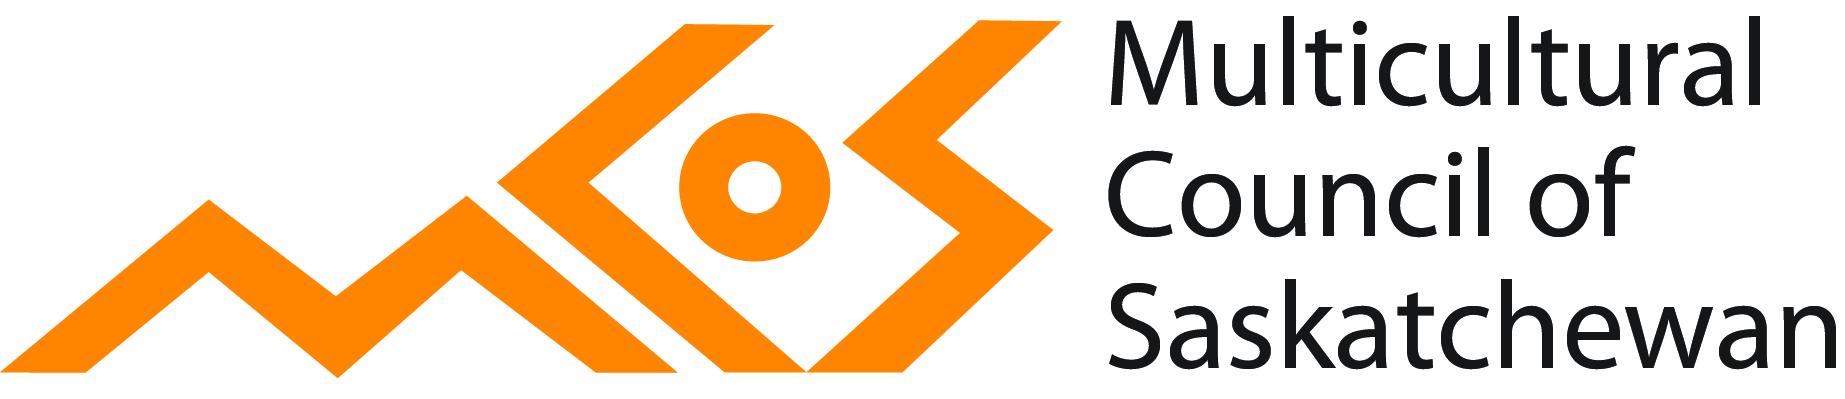 MCoS_original_ logo.jpg